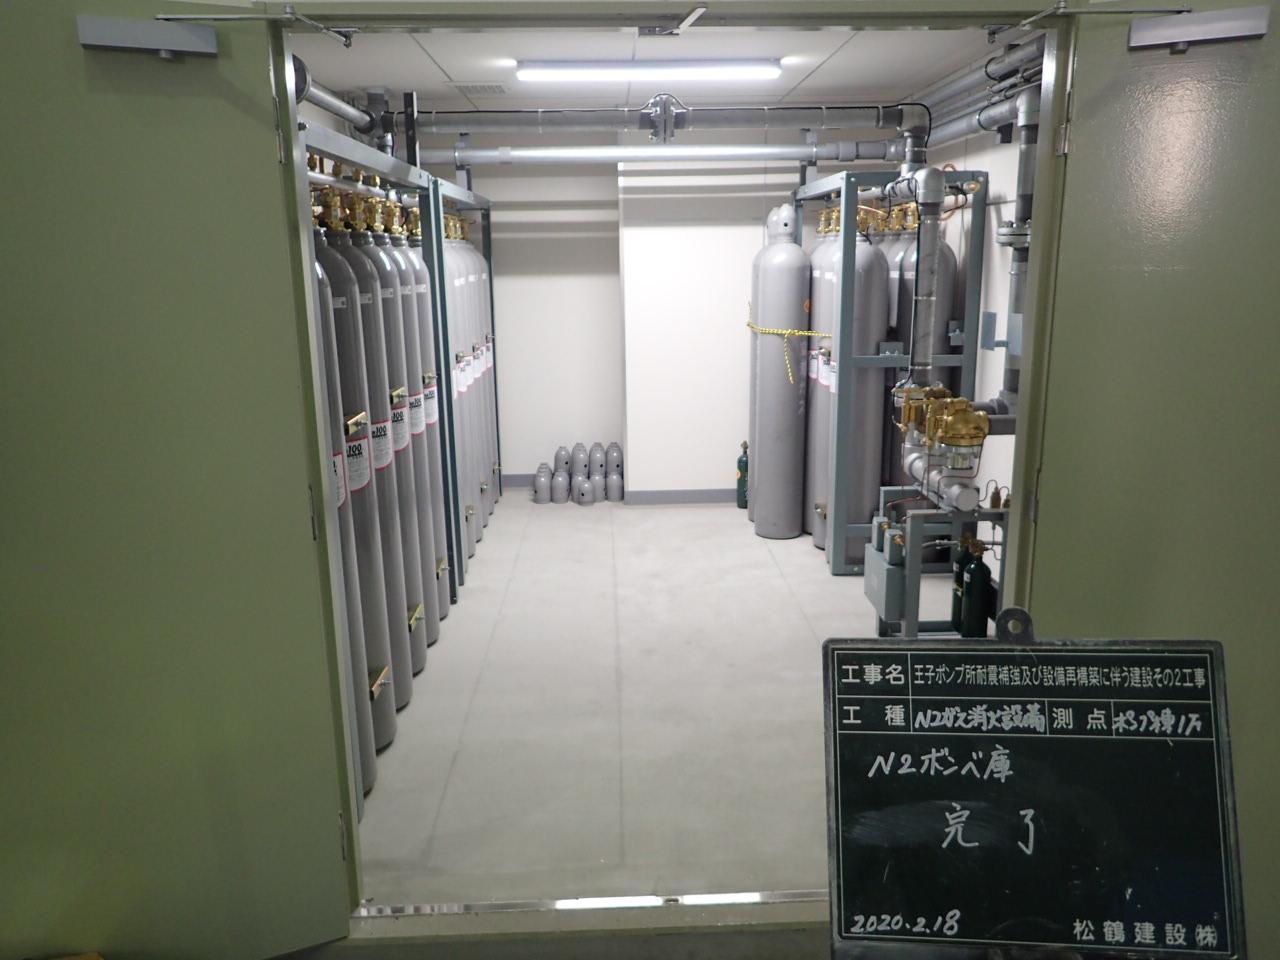 王子ポンプ所耐震補強及び設備再構築に伴う建設その2工事